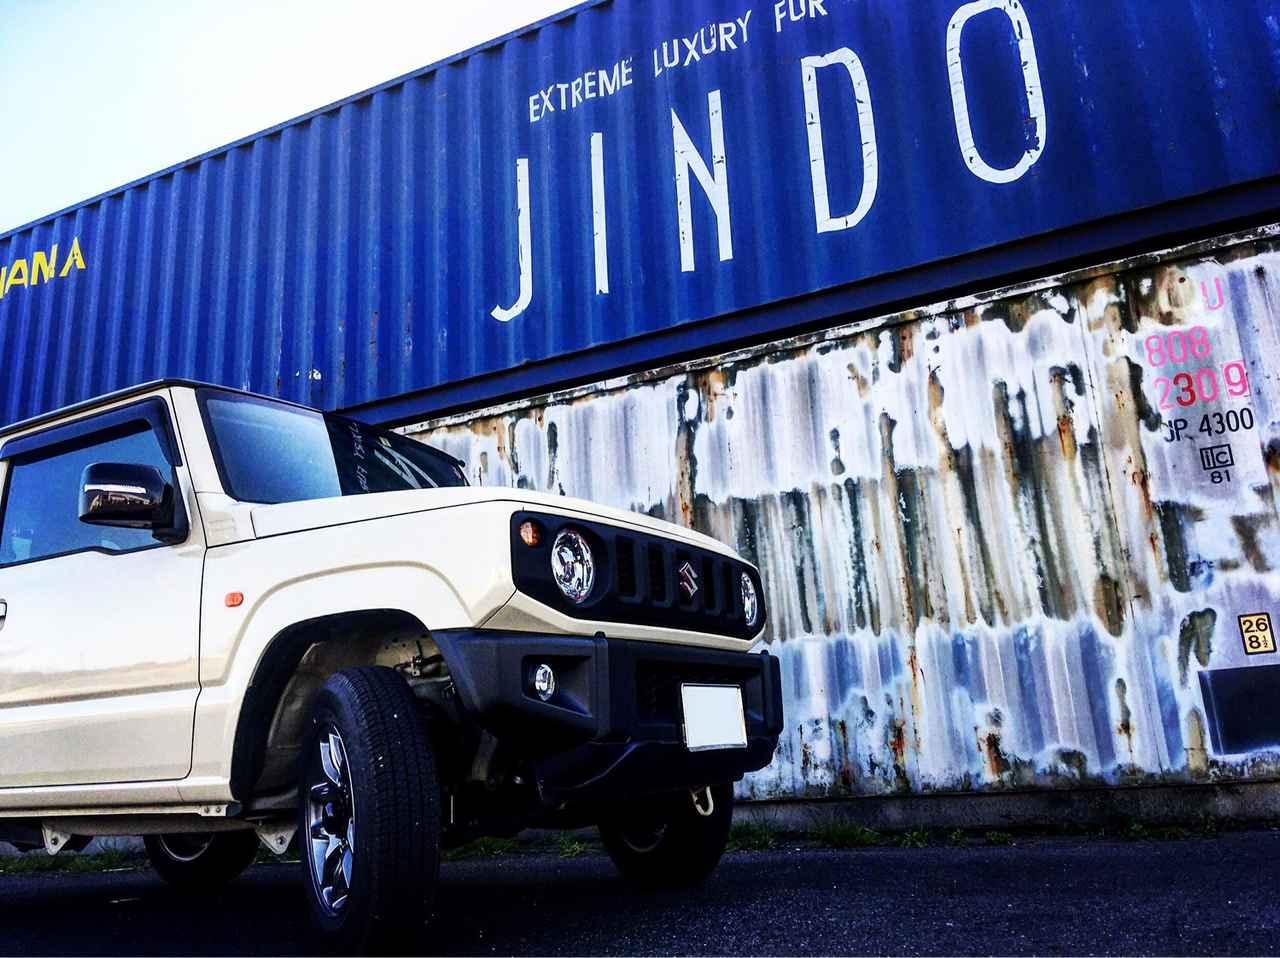 画像1: ジムニーで冬のソロキャンプ車中泊! 必要な装備&おすすめの道具もご紹介